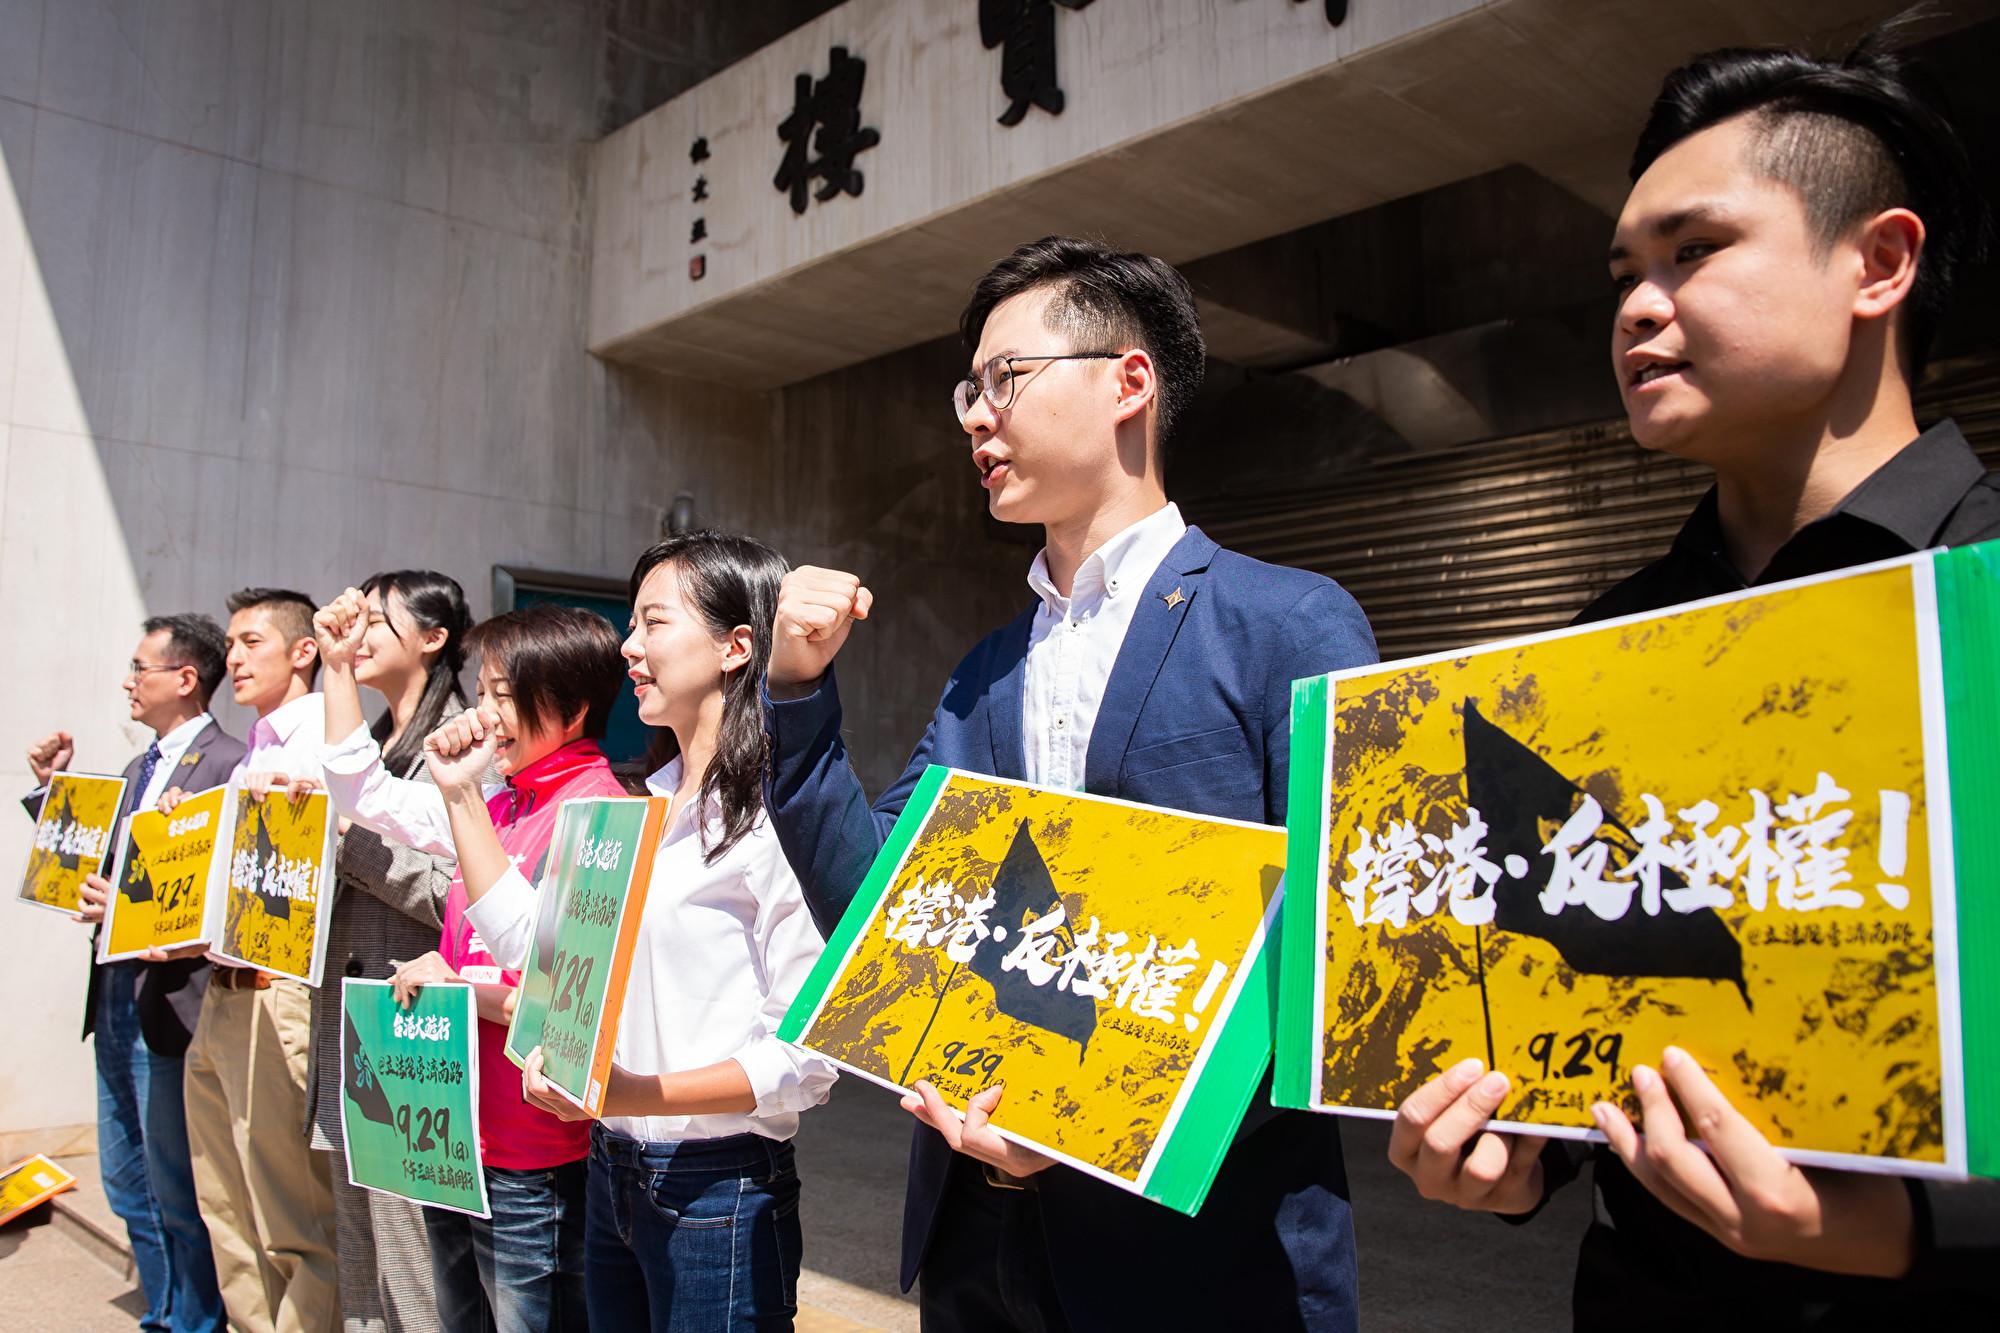 9.29撐港反極權 立委:台灣不能缺席